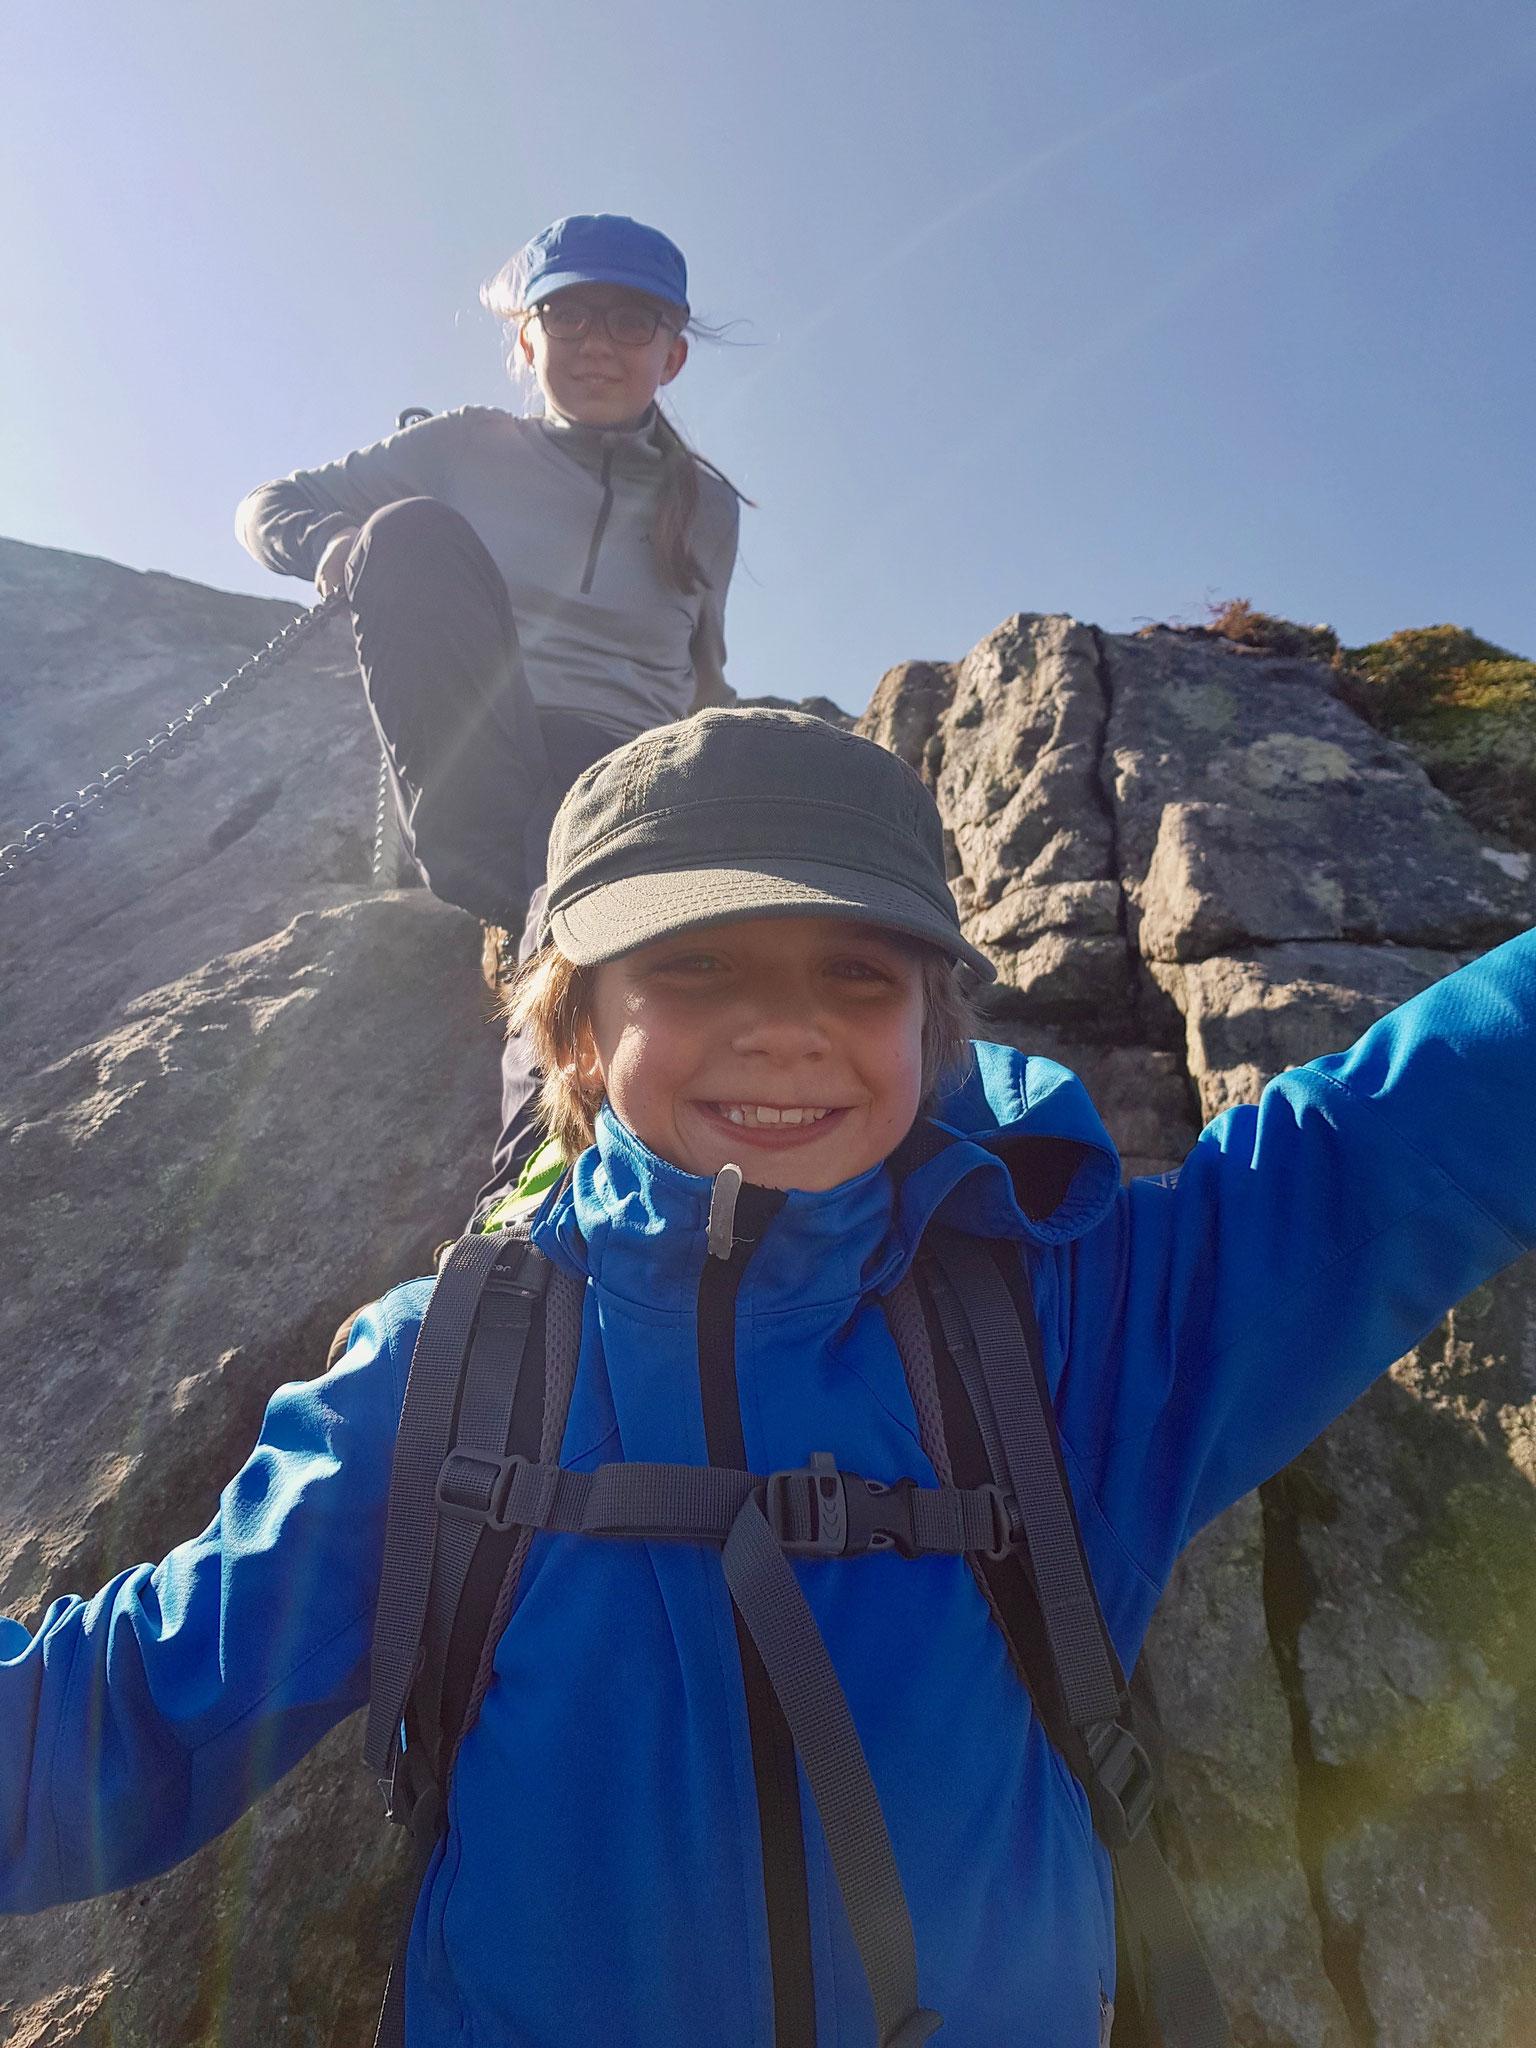 Die Klettereinlagen haben immer mehr Spaß gemacht.